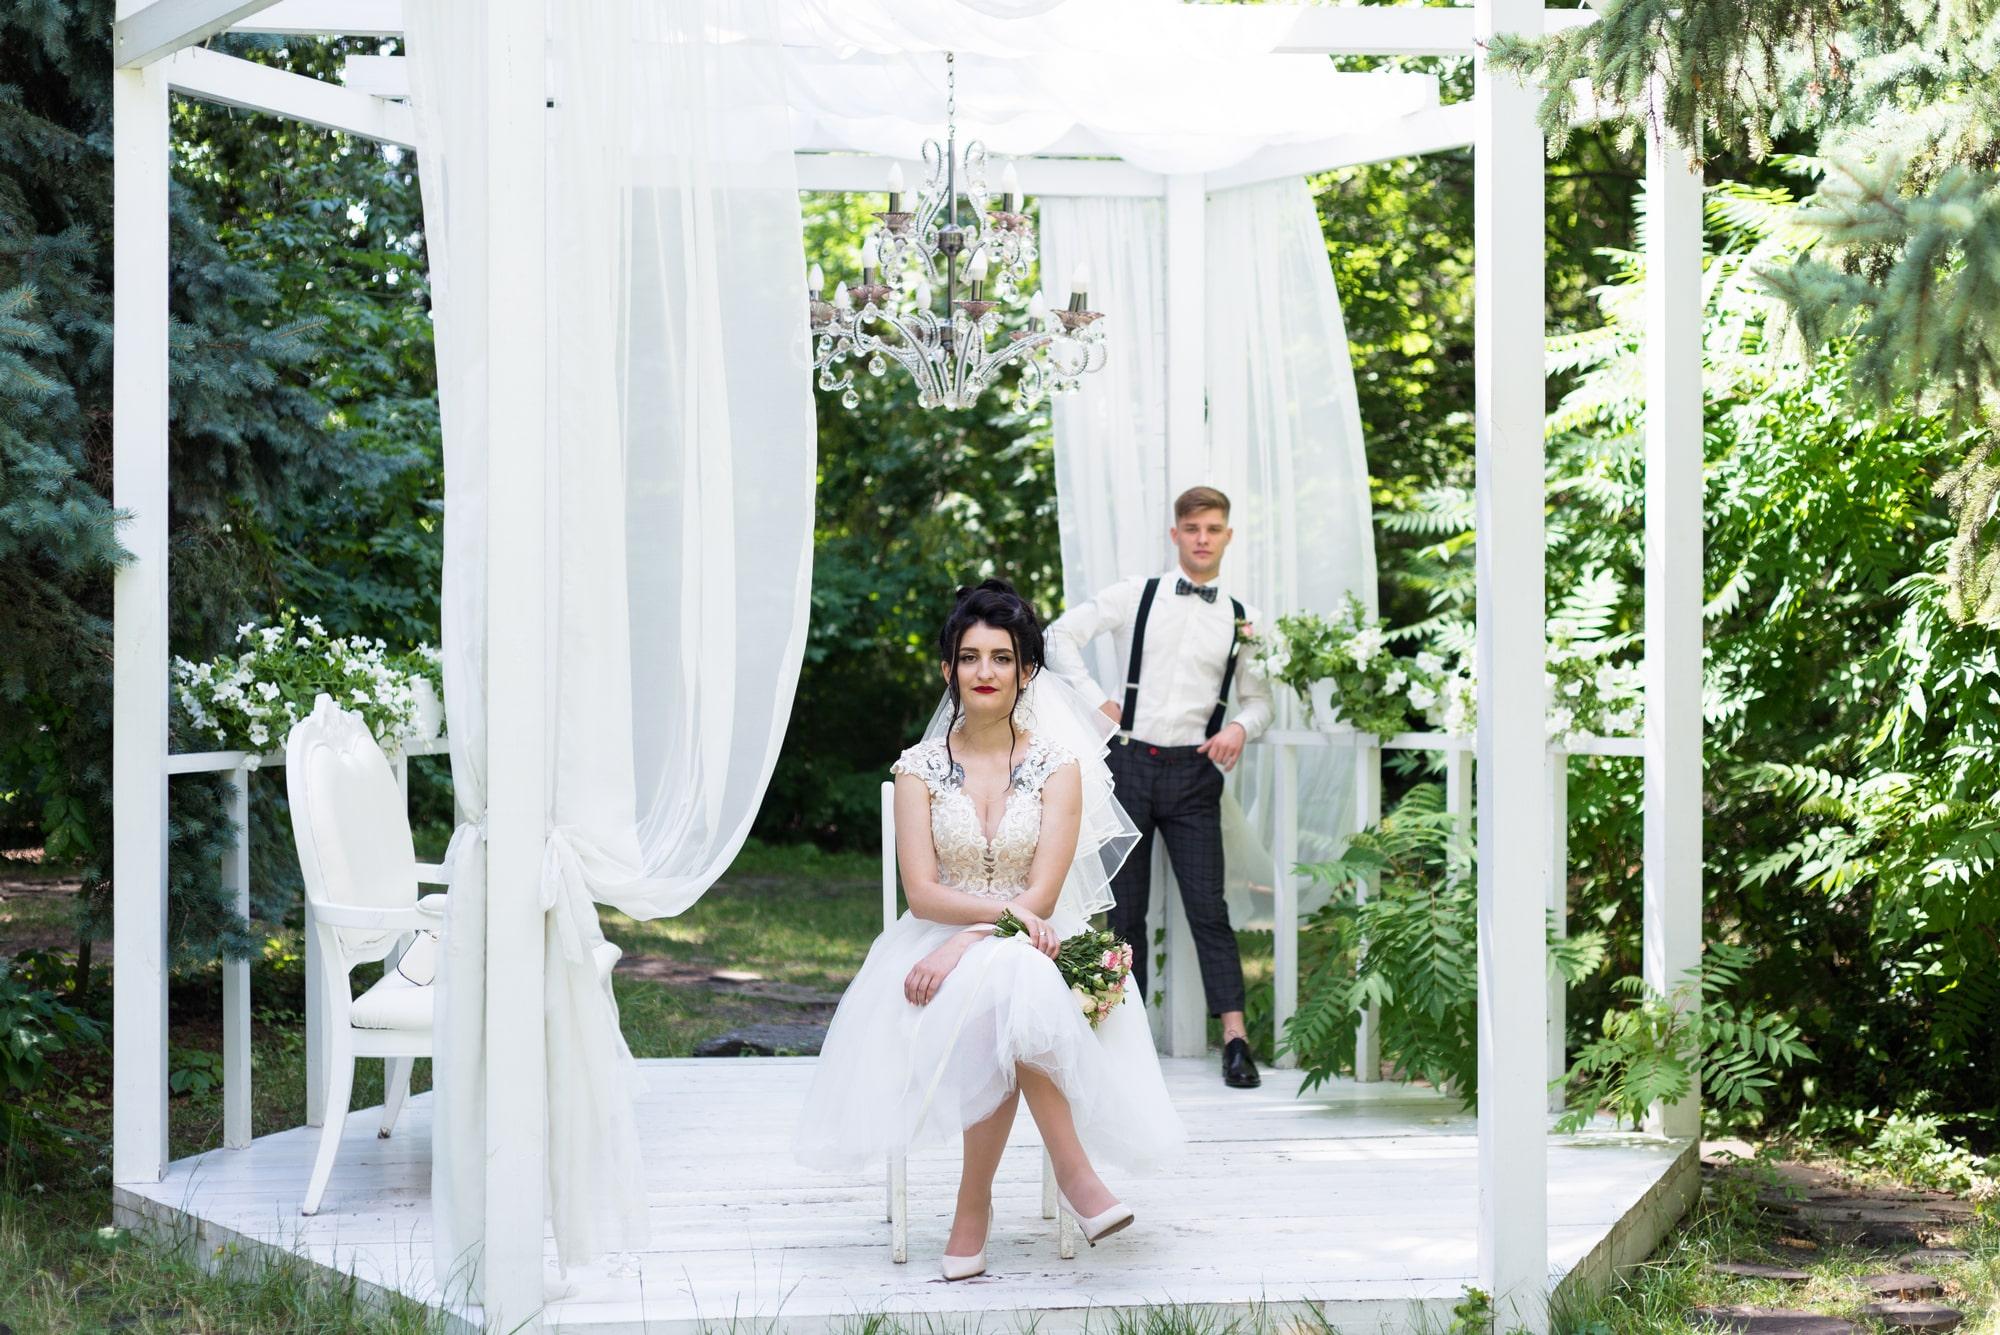 Свадебная фотосессия в студии Play - невеста и жених